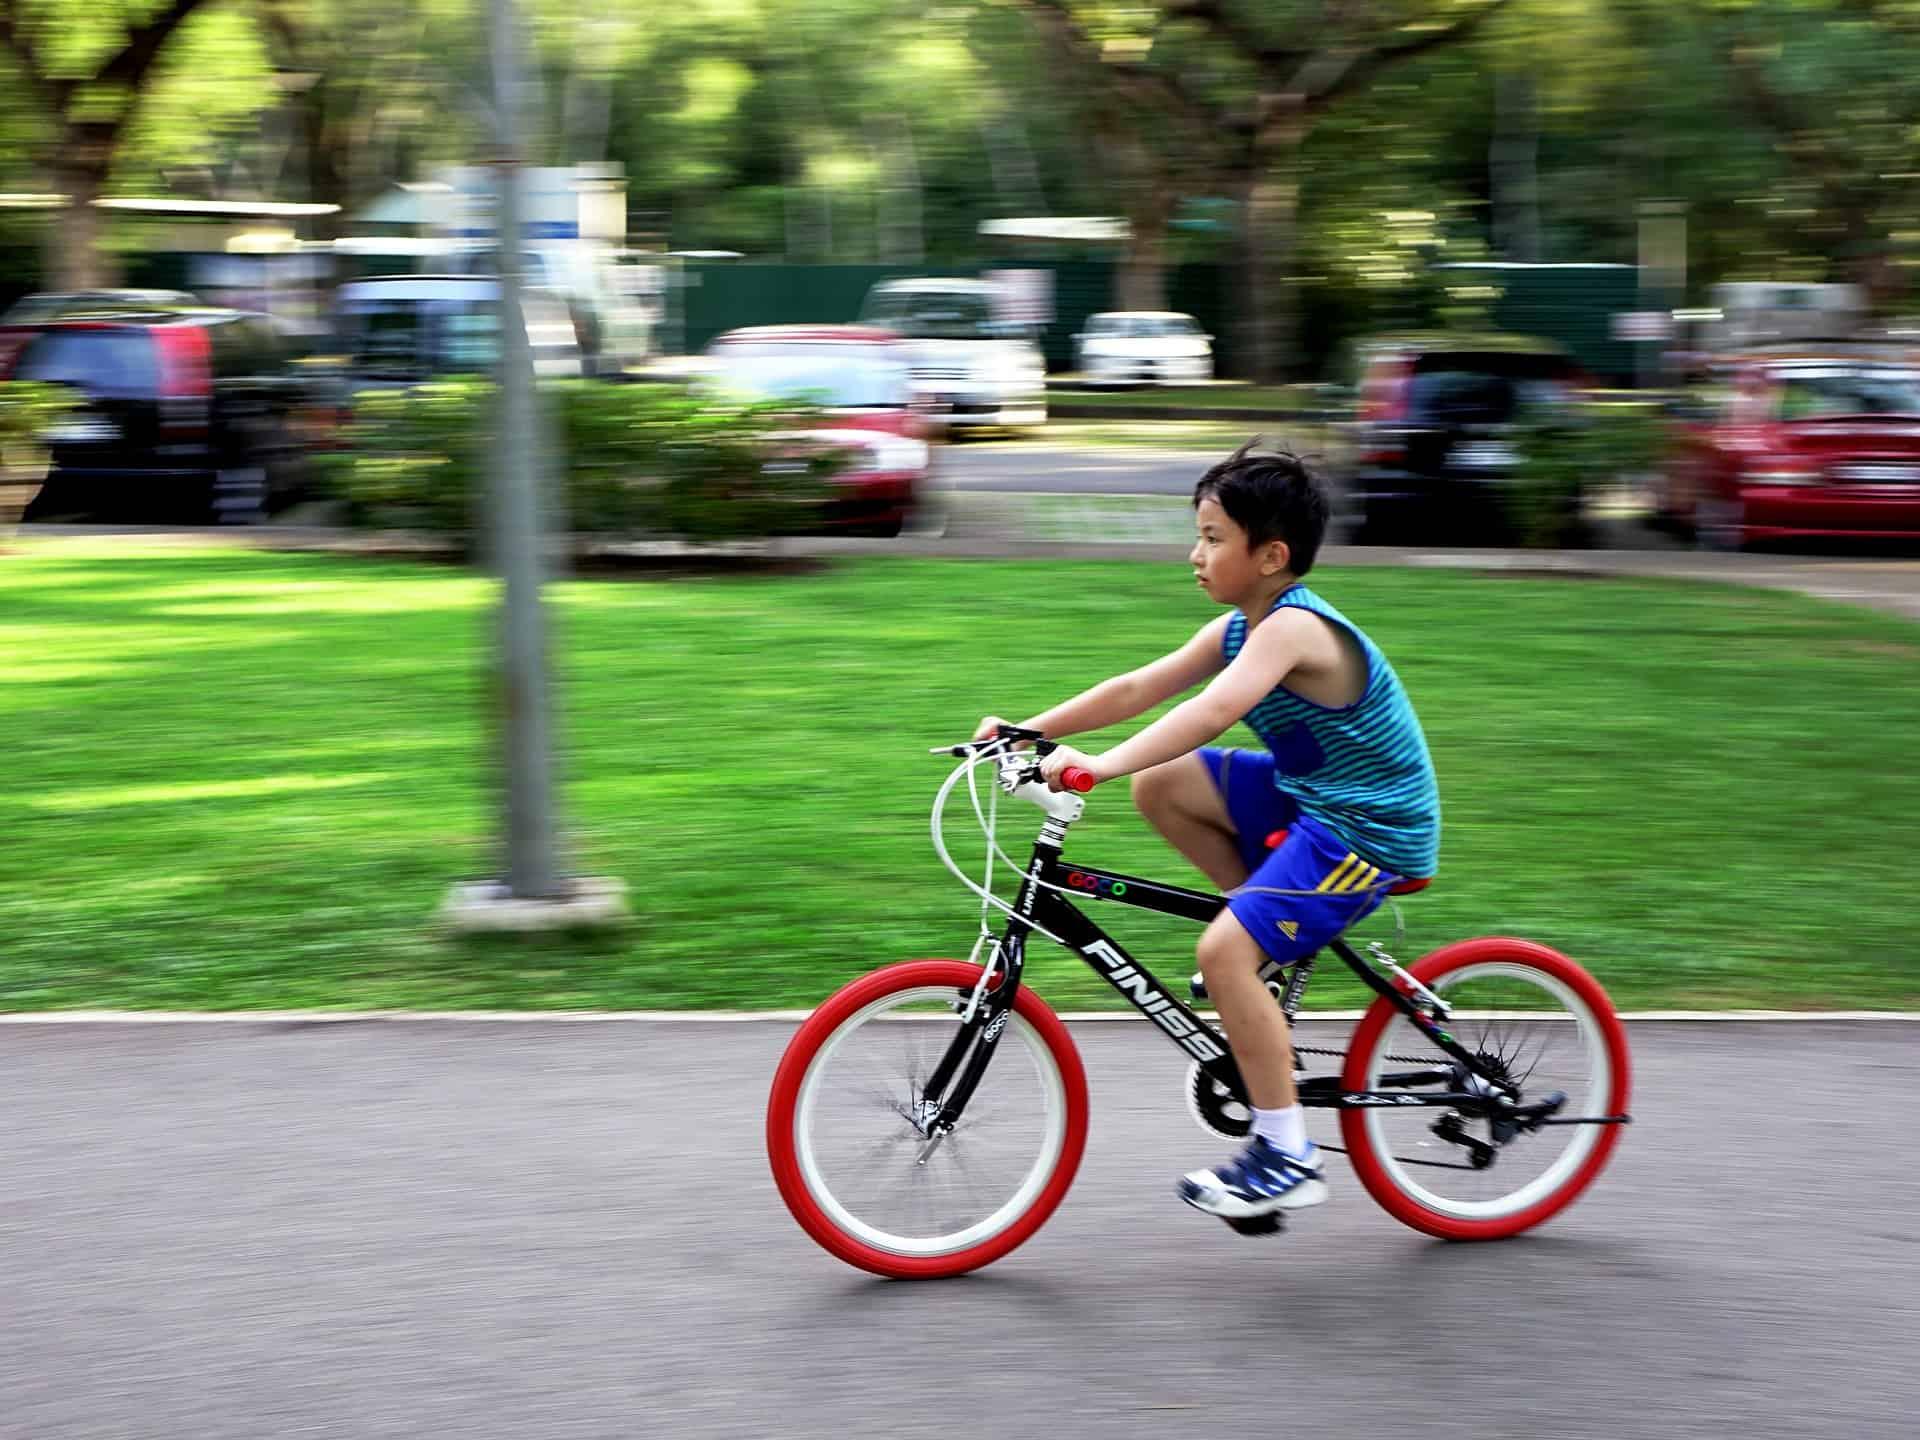 Menino pedalando na cidade com sua bicicleta aro 20.